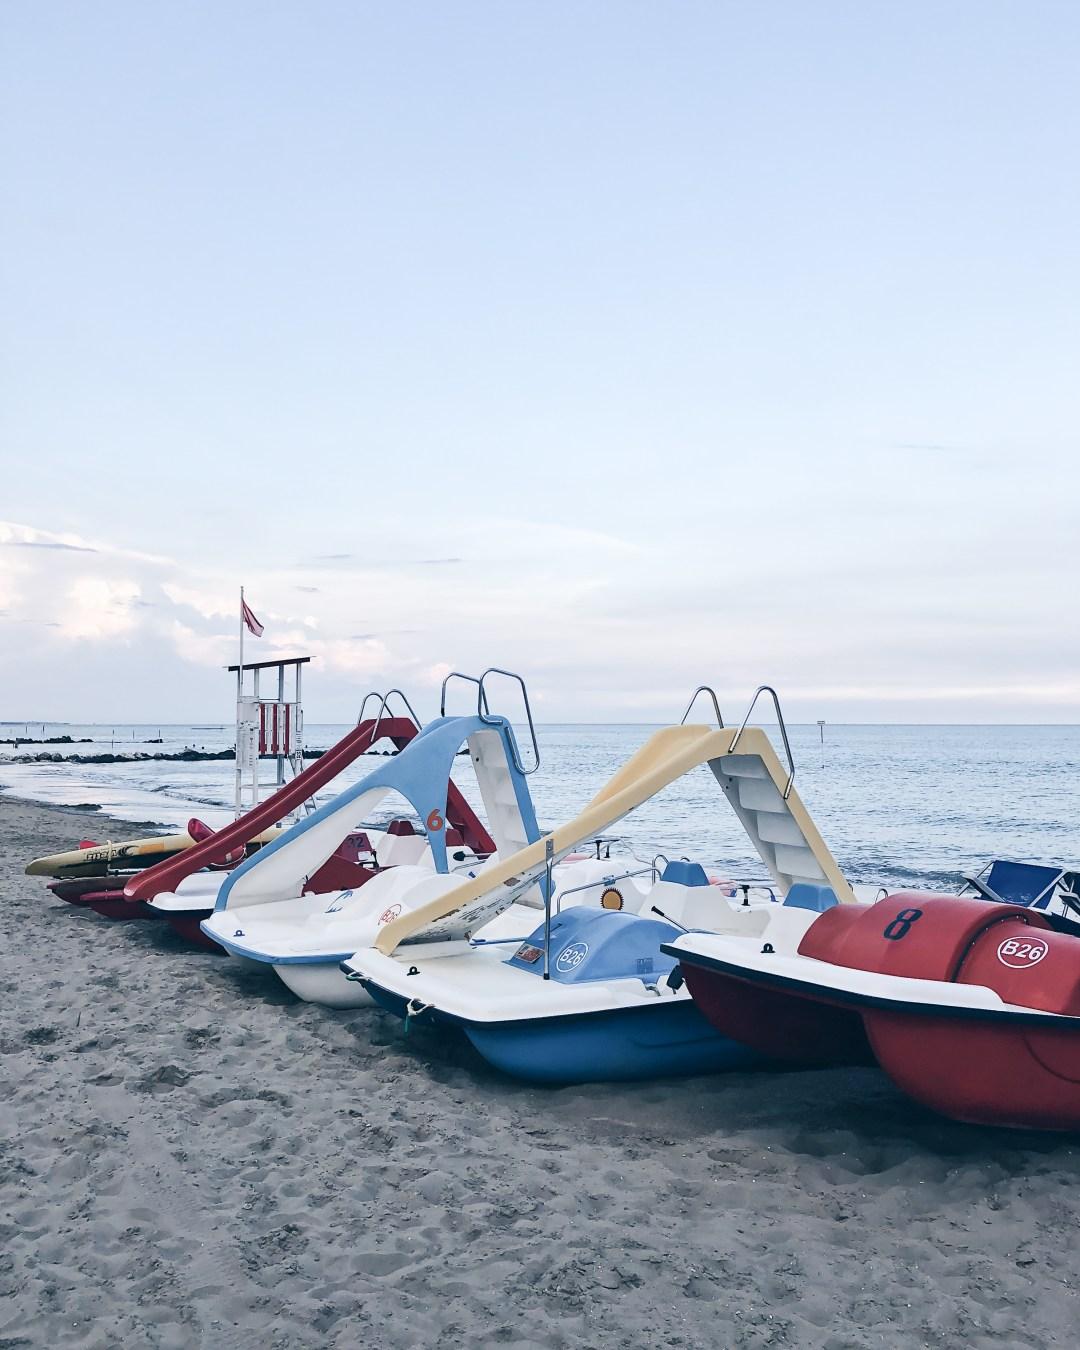 inastil, Ü50Blogger, Caorle, Familienurlaub, Italienurlaub, Strandurlaub, Italienliebe, Italien, Sommerurlaub, Urlaubstipps, Hoteltipp, Familienurlaub in Italien,_